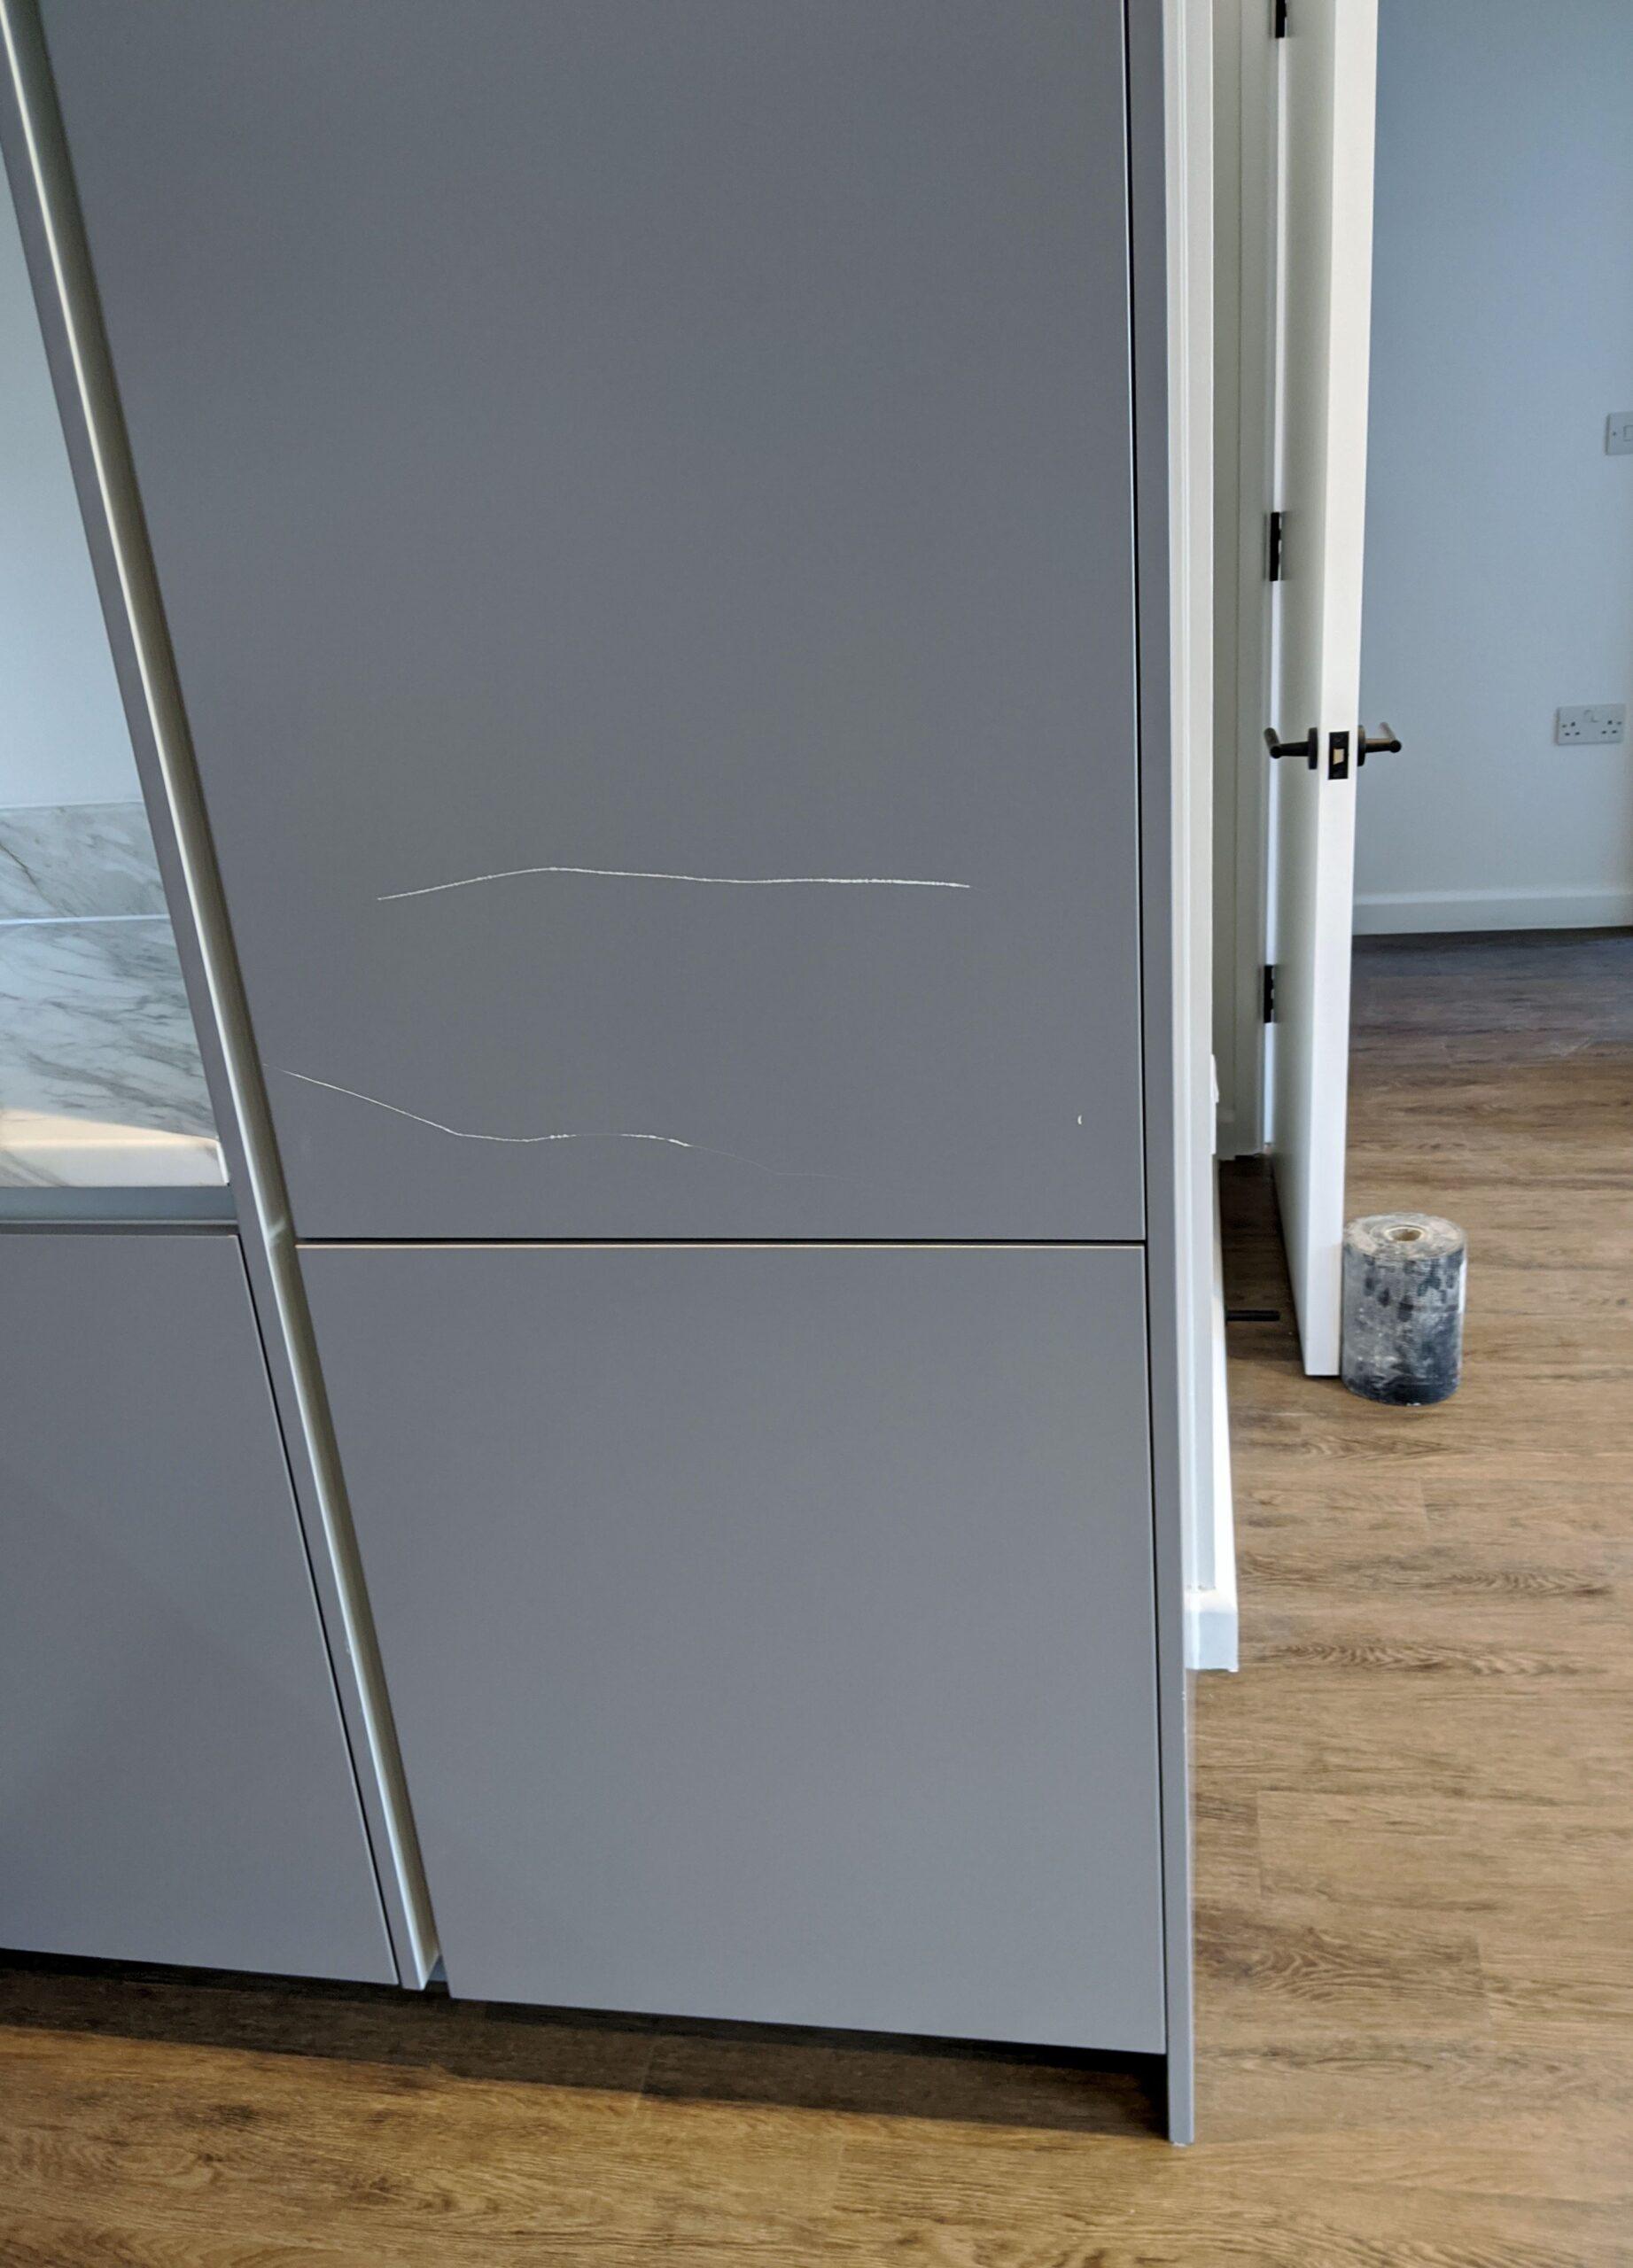 Kitchen cabinet door before repair